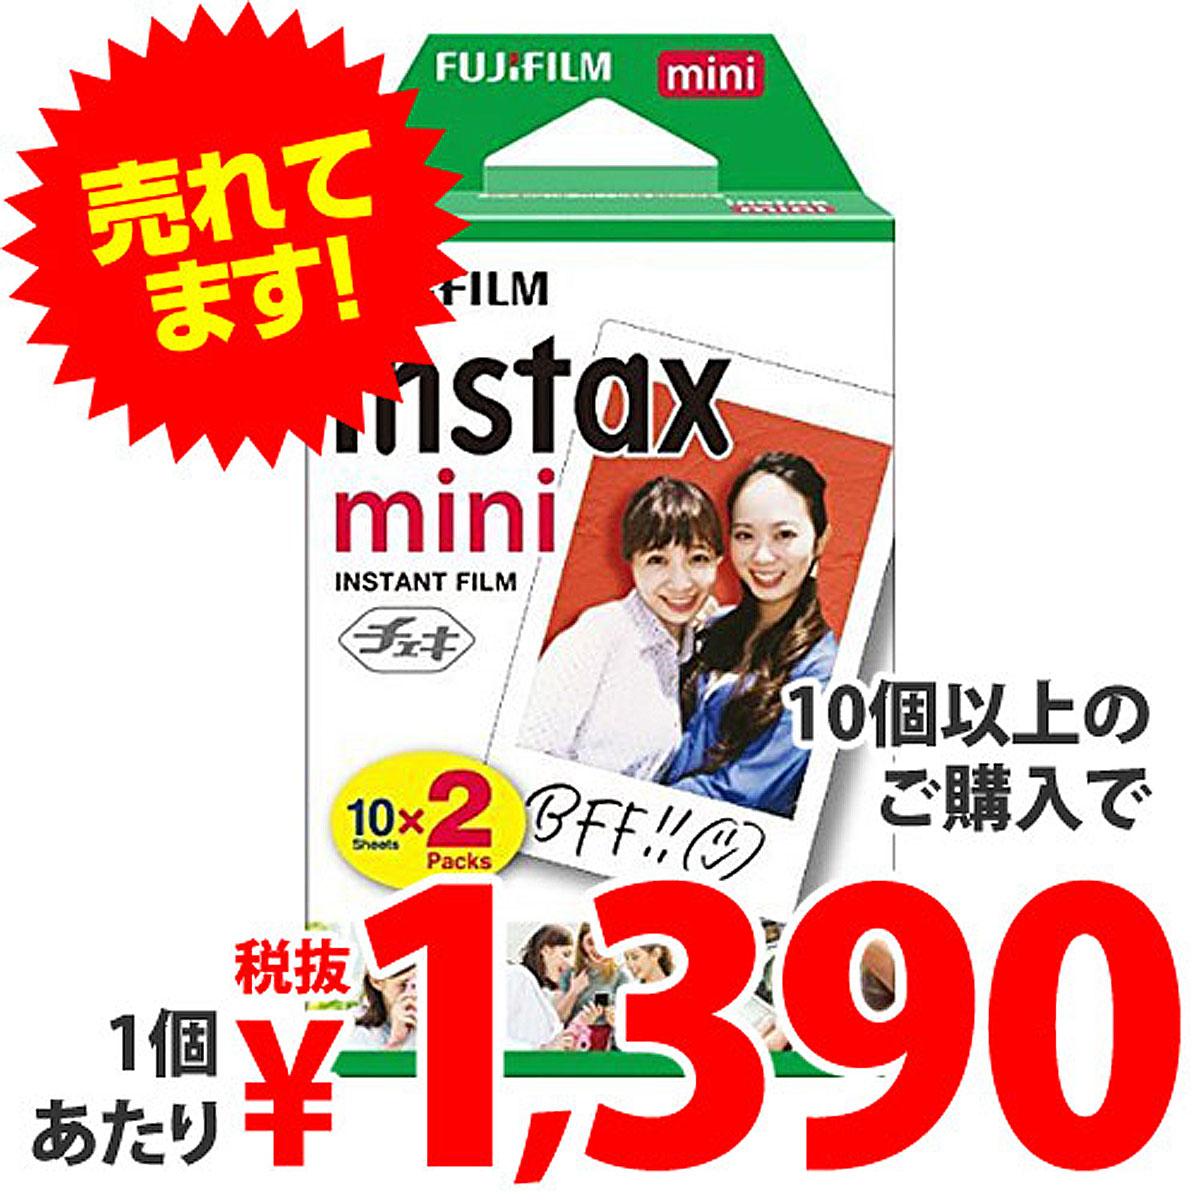 富士フィルム カメラフィルム INSTAX MINI インスタントカメラ チェキ用フィルム 20枚入 JP 2